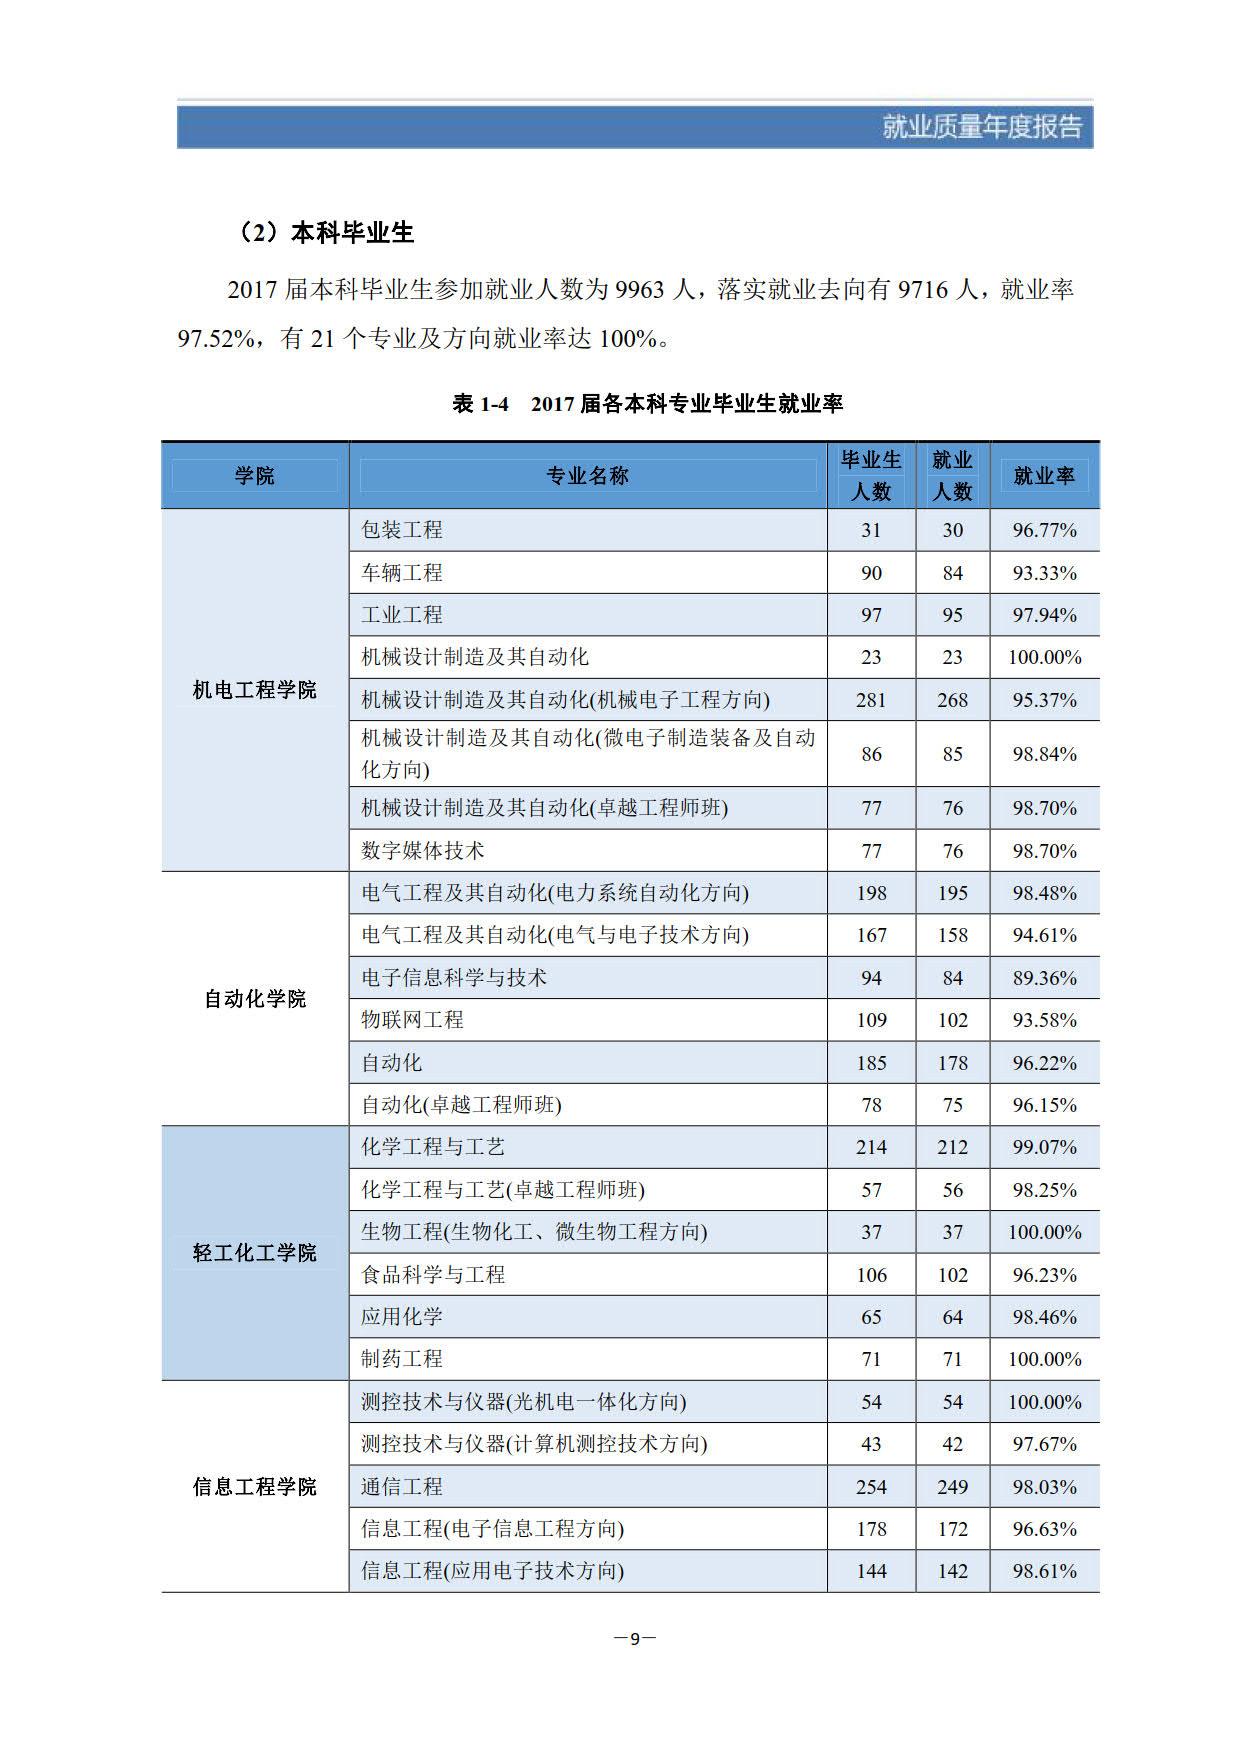 广东工业大学2017届本科毕业生最终就业情况统计表